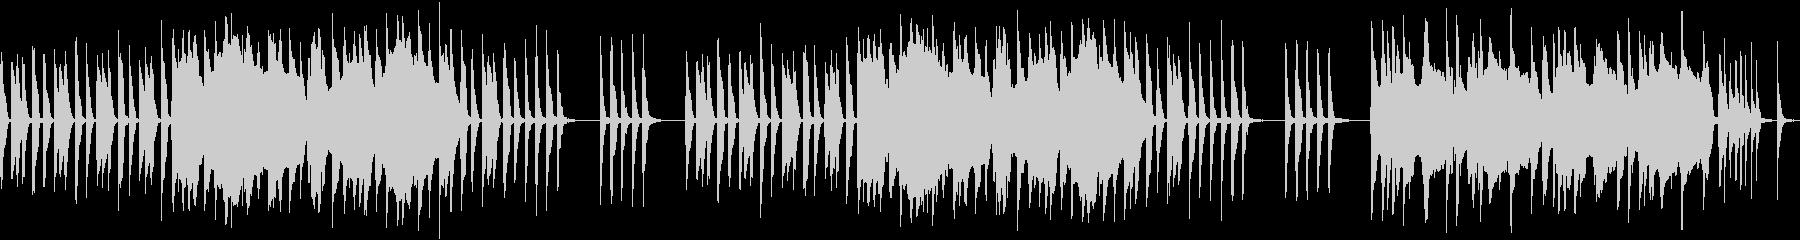 オーボエのコミカルな曲の未再生の波形